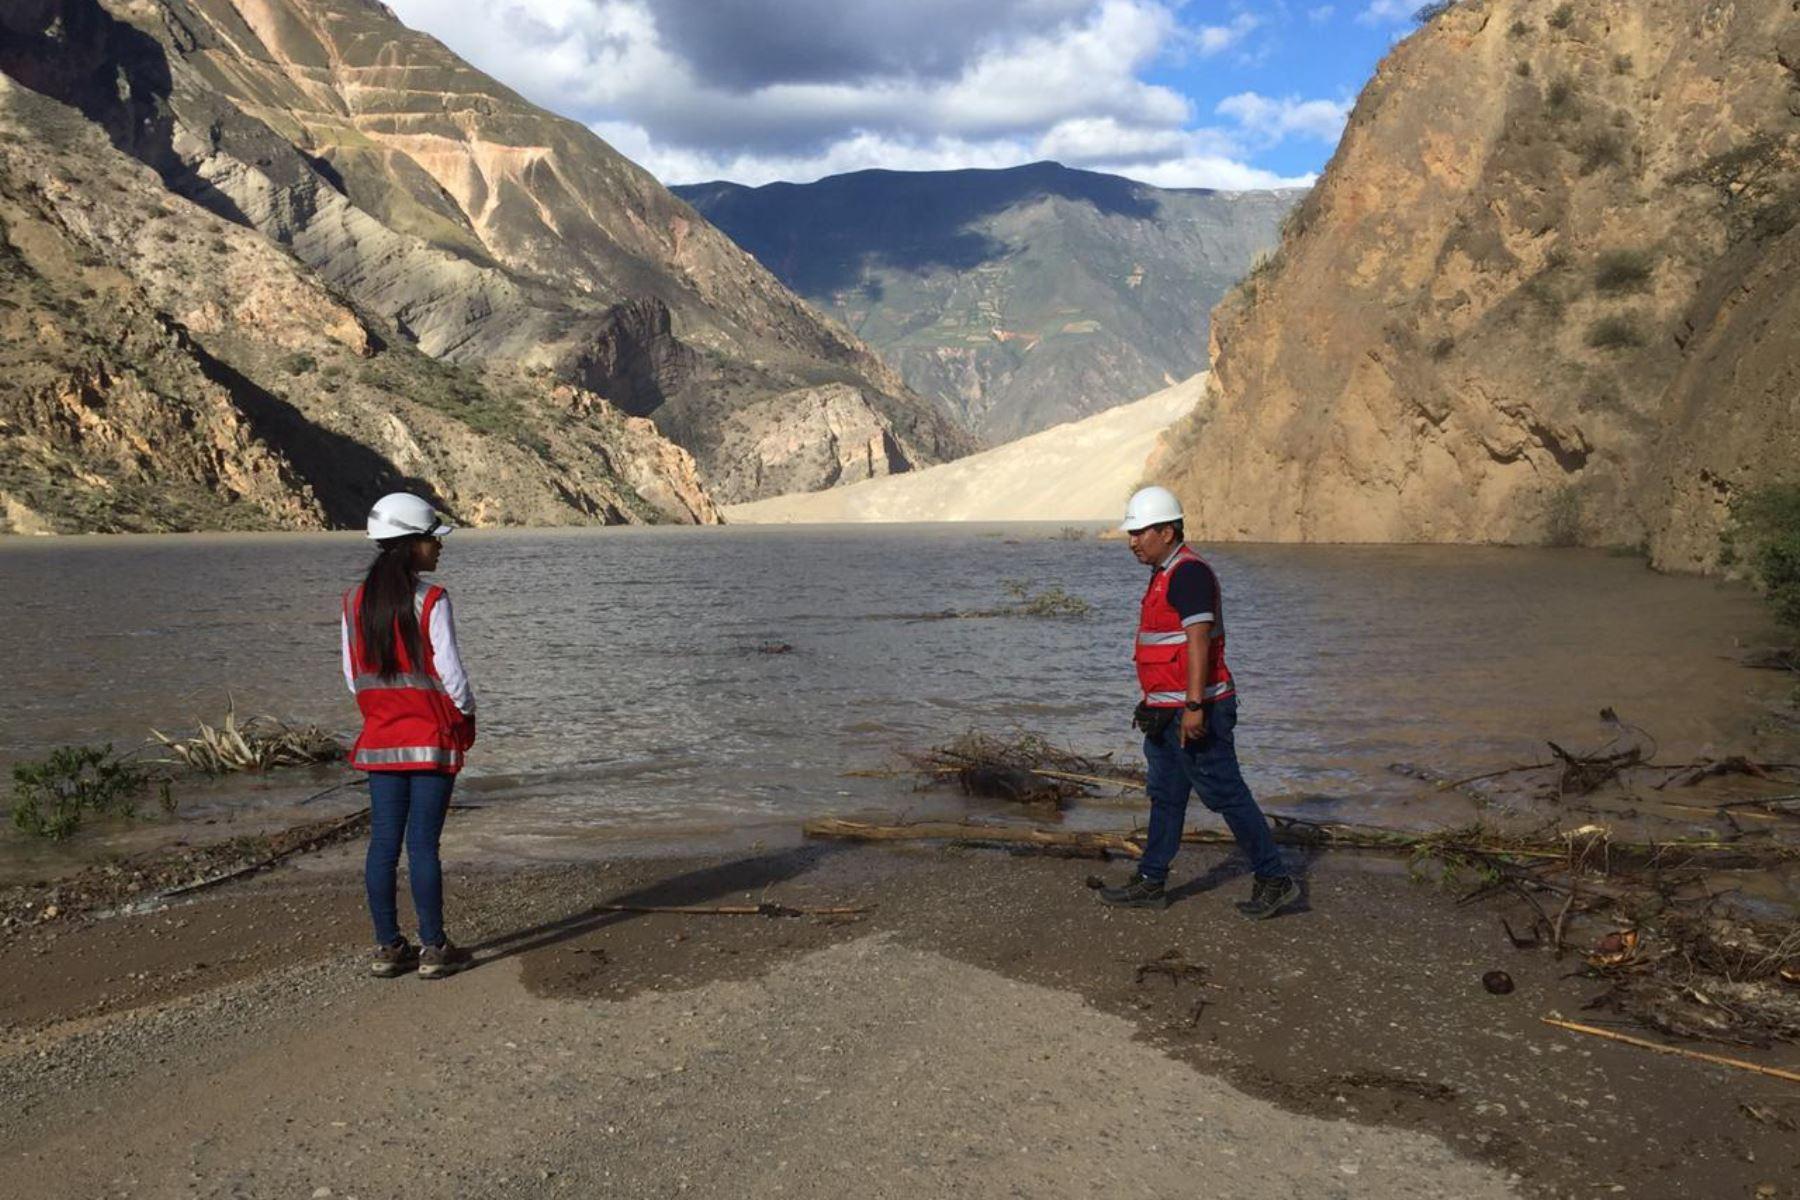 Contraloría advierte riesgo de desborde de la laguna Palcacocha (Áncash), ubicada a 4,562 metros sobre el nivel del mar.